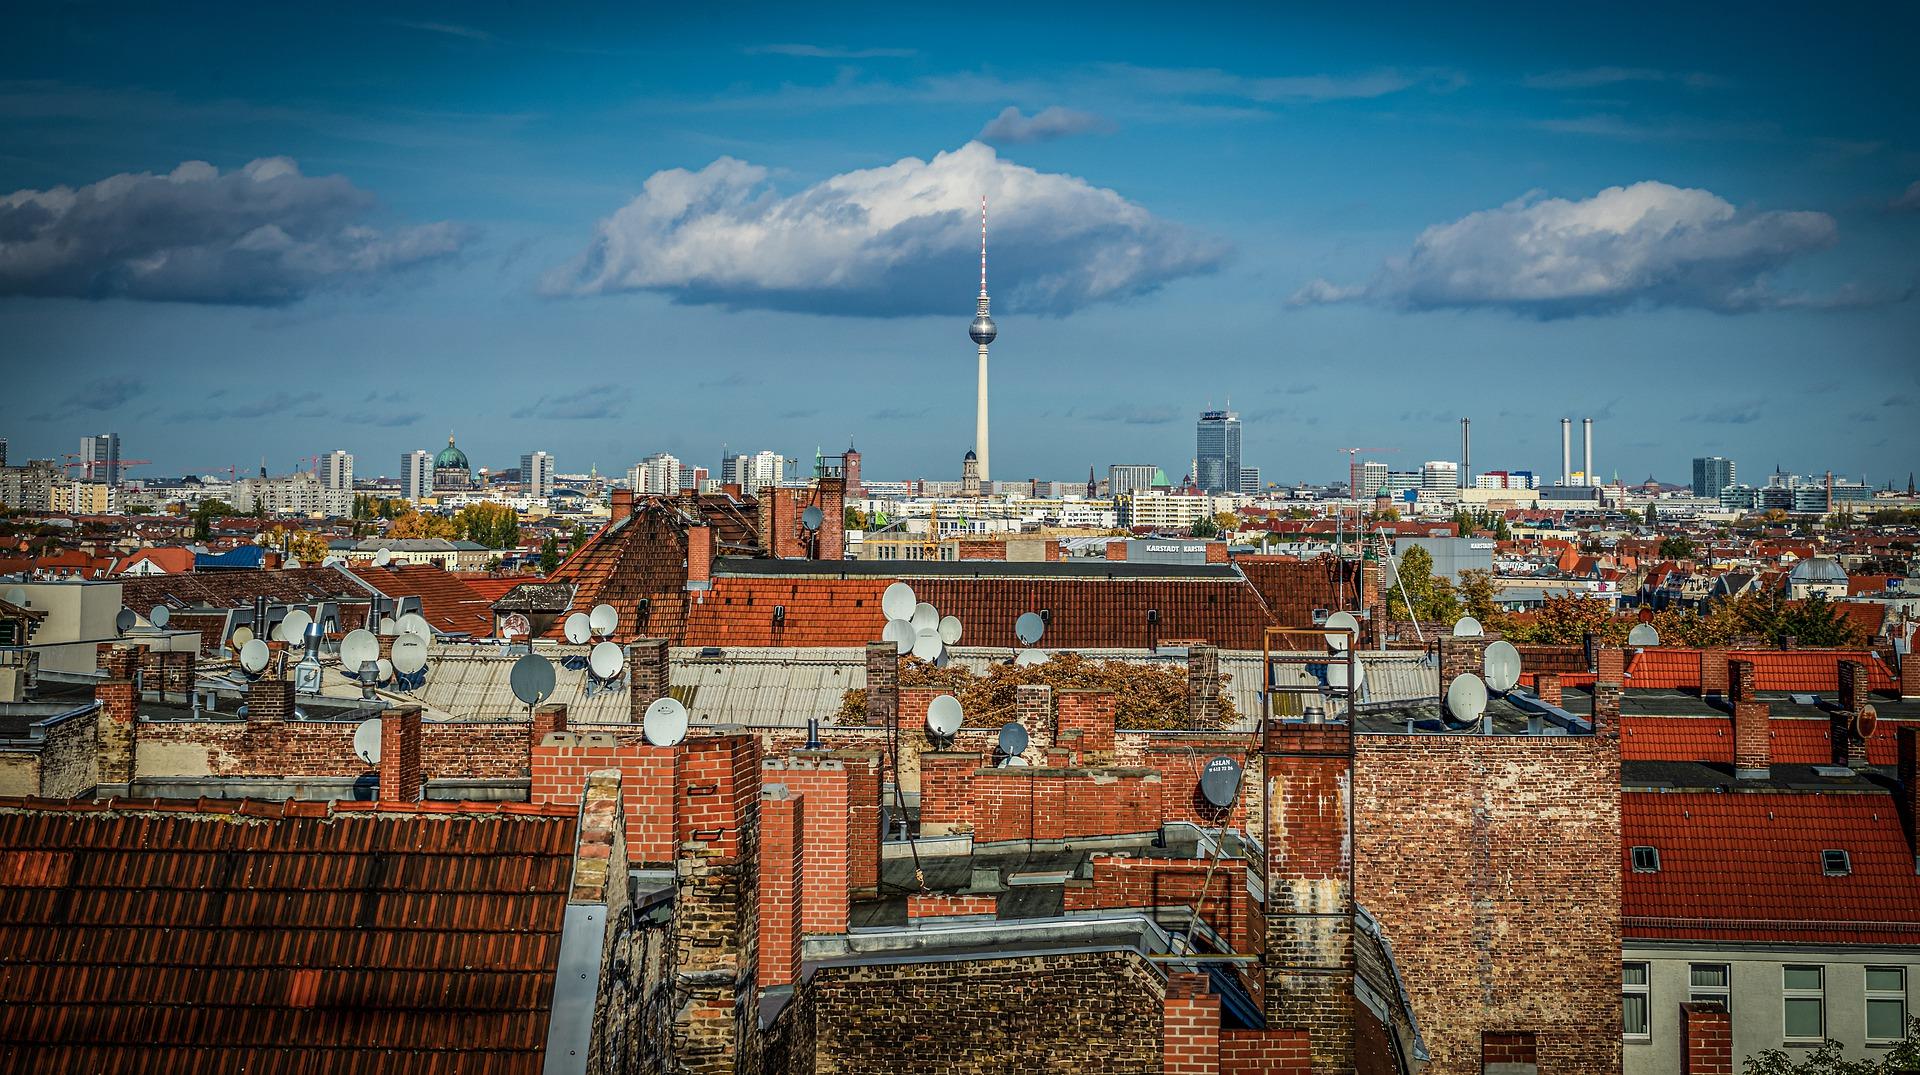 Wittenau Immobilienmarkt - Statistik Berlin